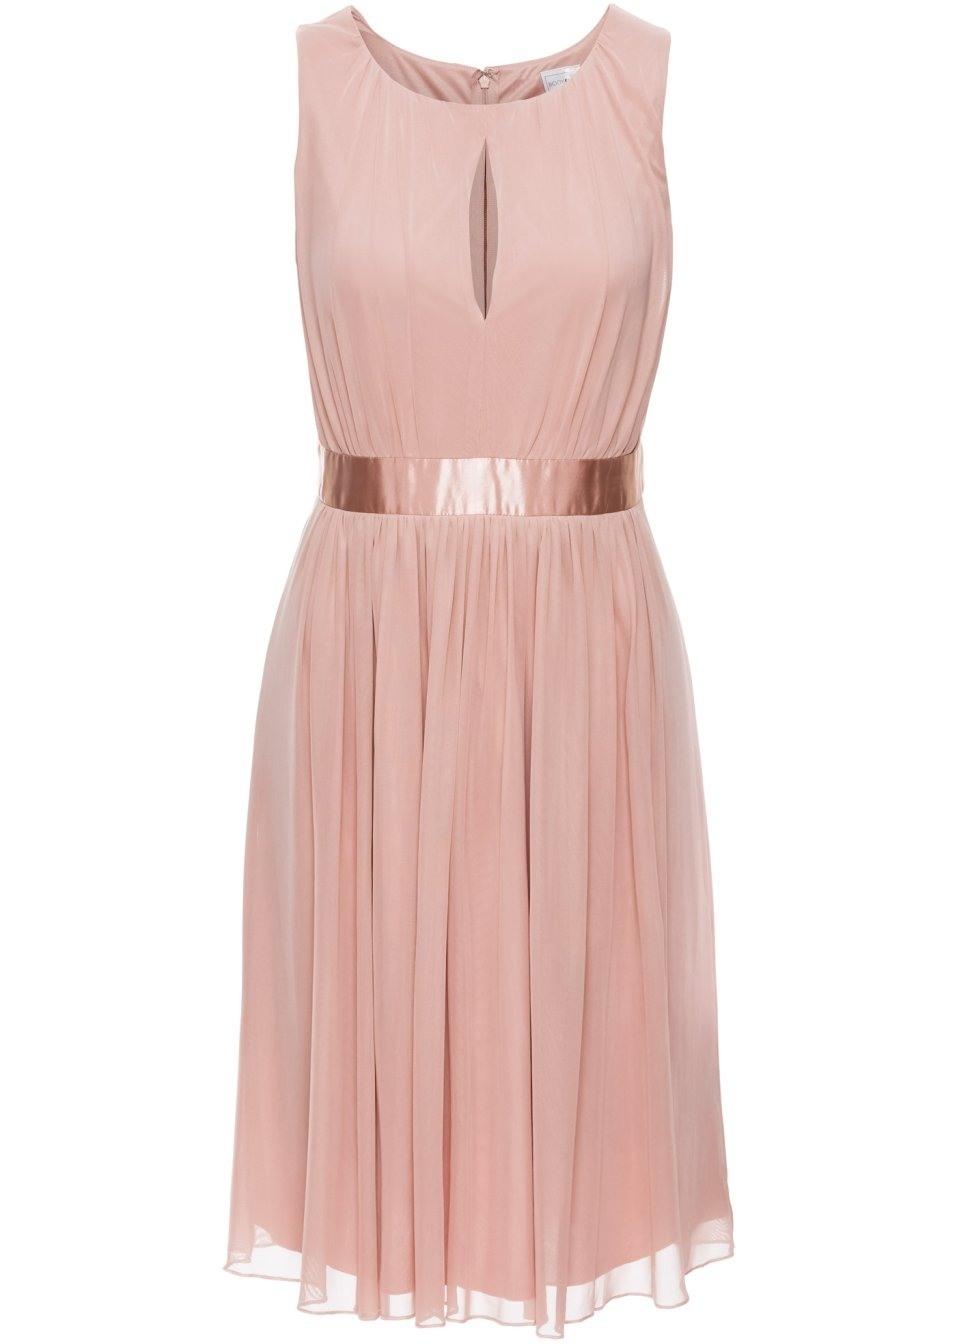 10 Kreativ Abschlussballkleider Rosa Boutique10 Luxus Abschlussballkleider Rosa für 2019